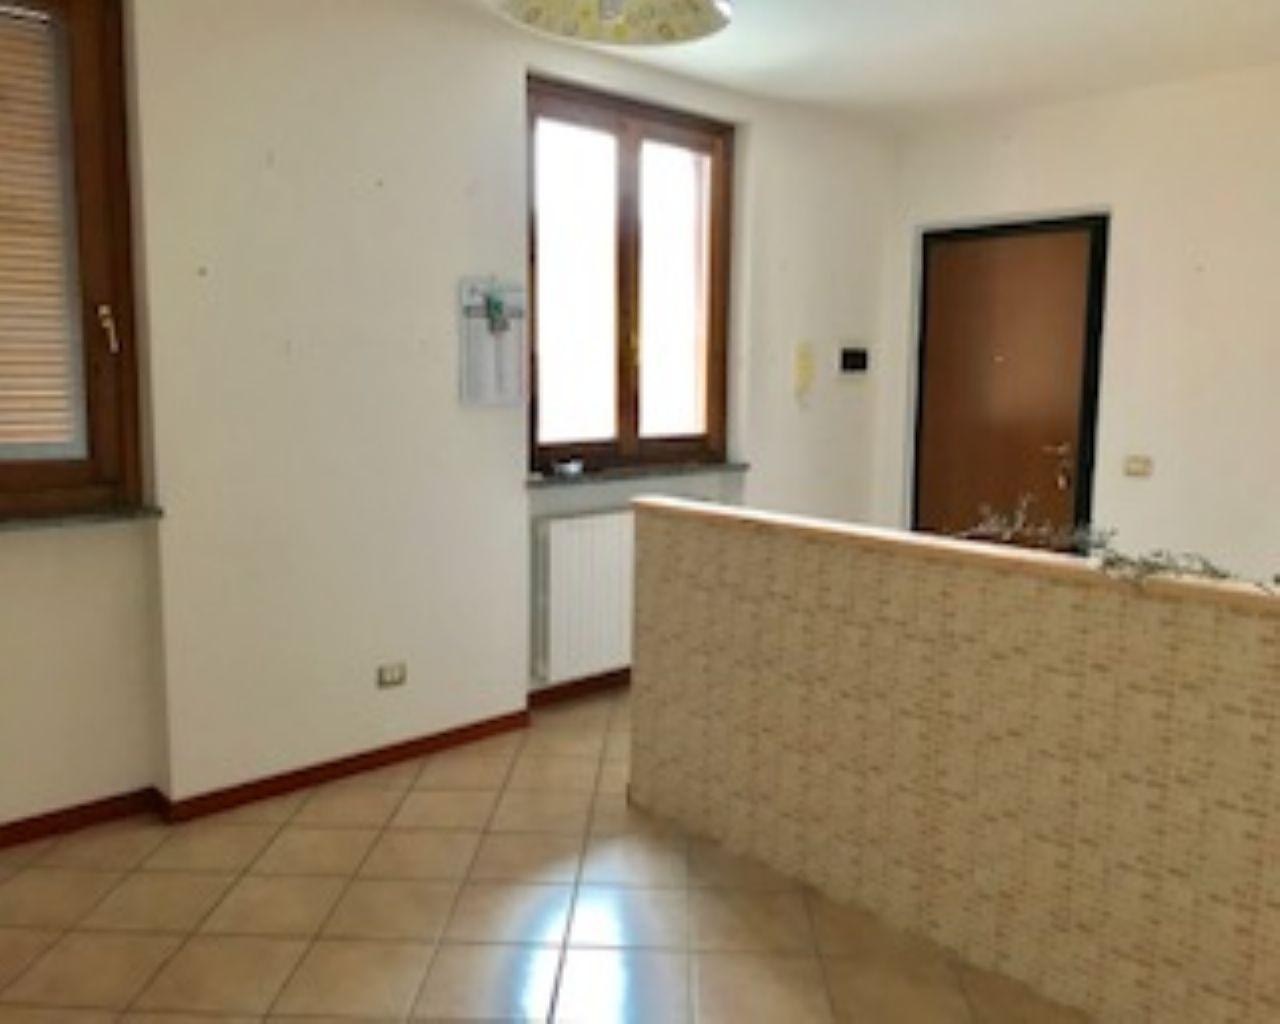 Appartamento trilocale in vendita a Borghetto Lodigiano (LO)